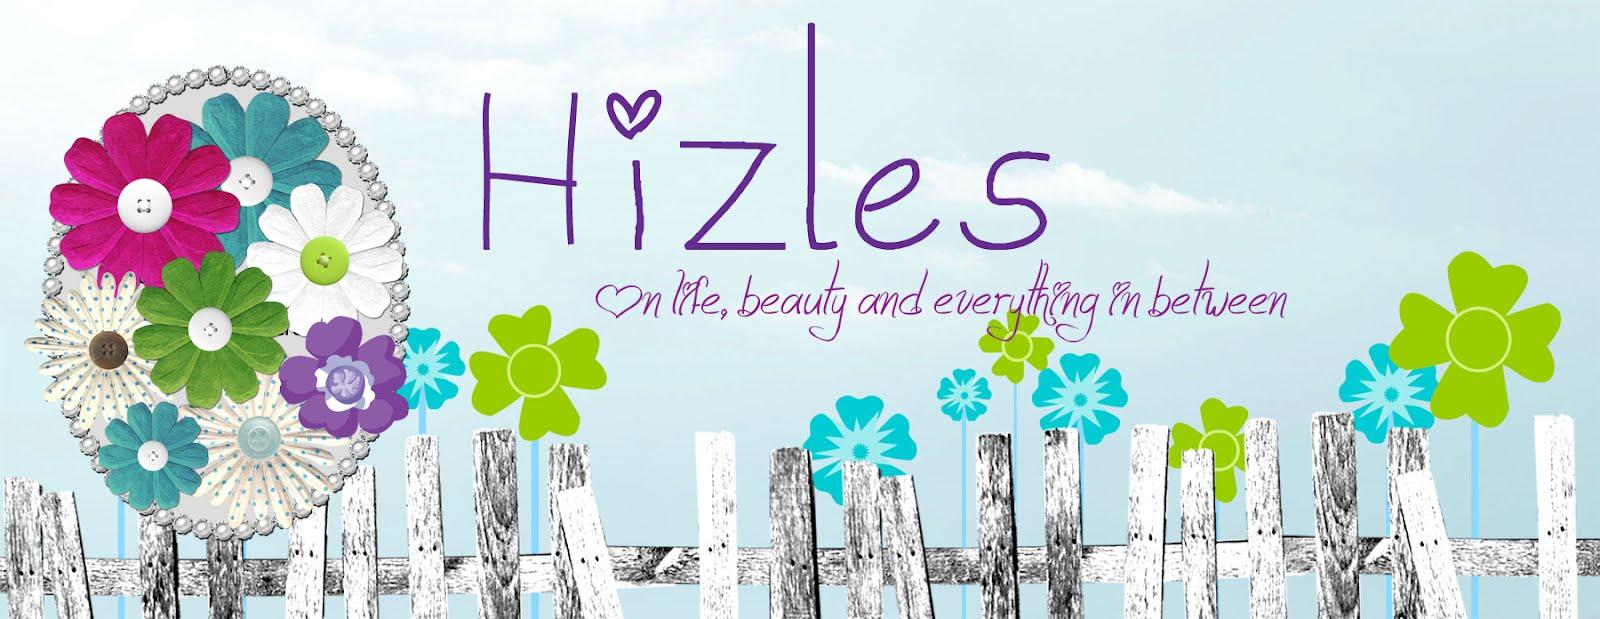 Hizles